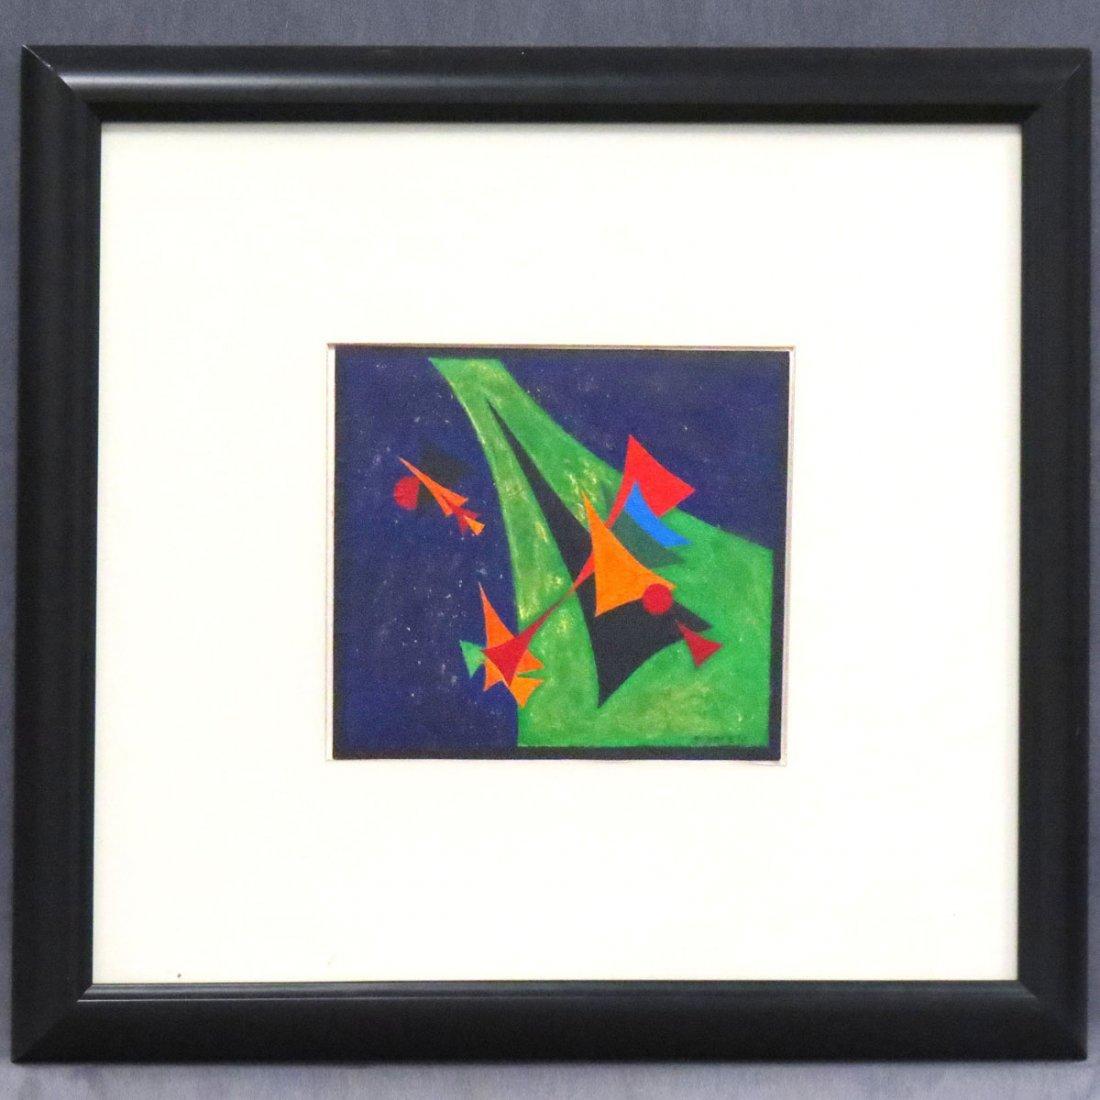 ROLPH SCARLETT (AMERICAN 1899-1984), OIL ON PAPER